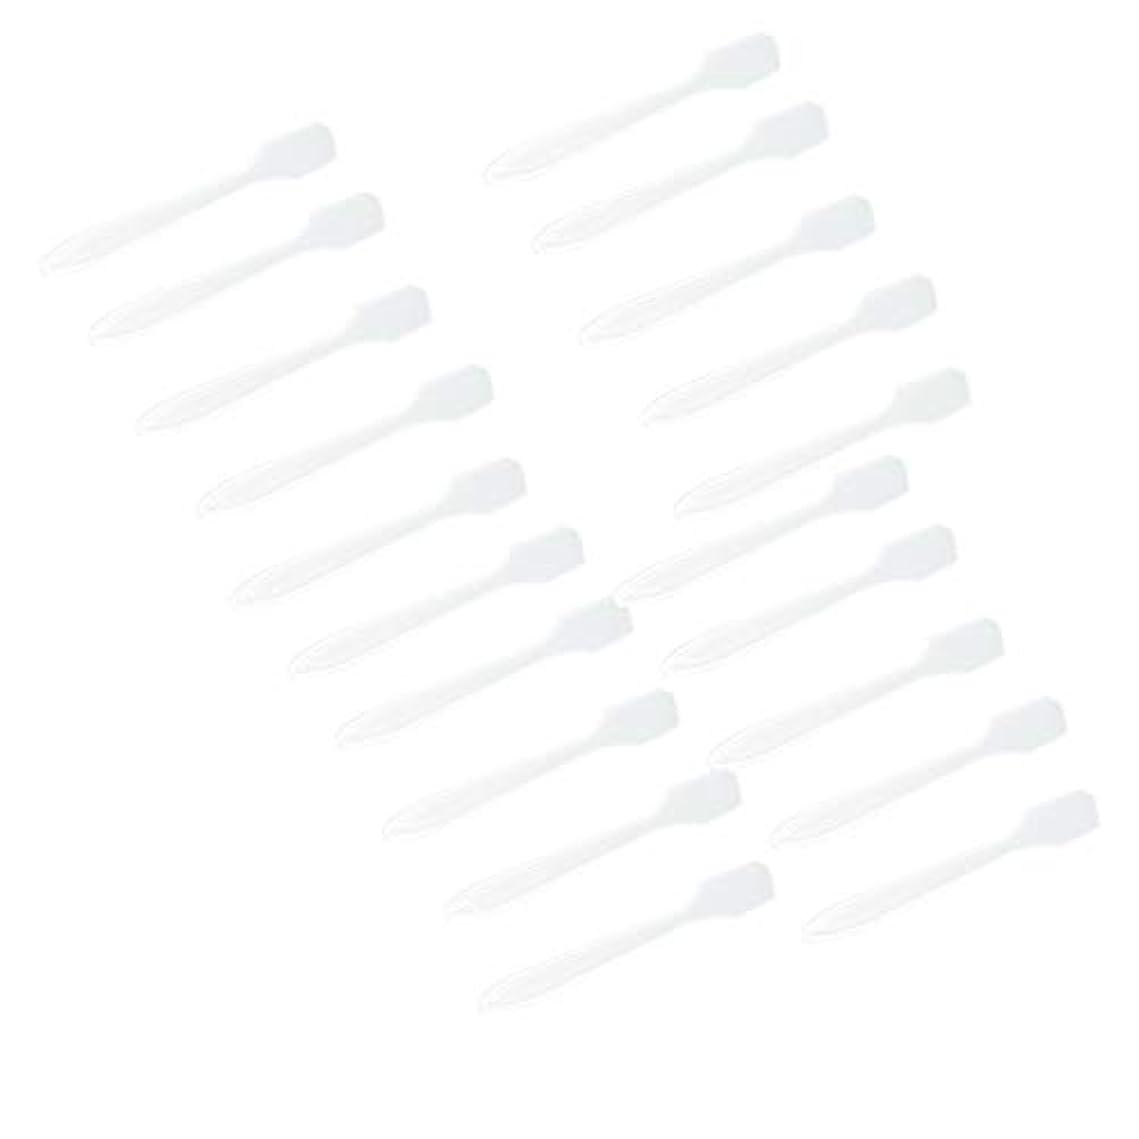 麺障害キリン5カラー選ぶ 化粧品へら スプーン フェイシャル クリーム マスクスプーン 美容パックツール 全100点 - クリア